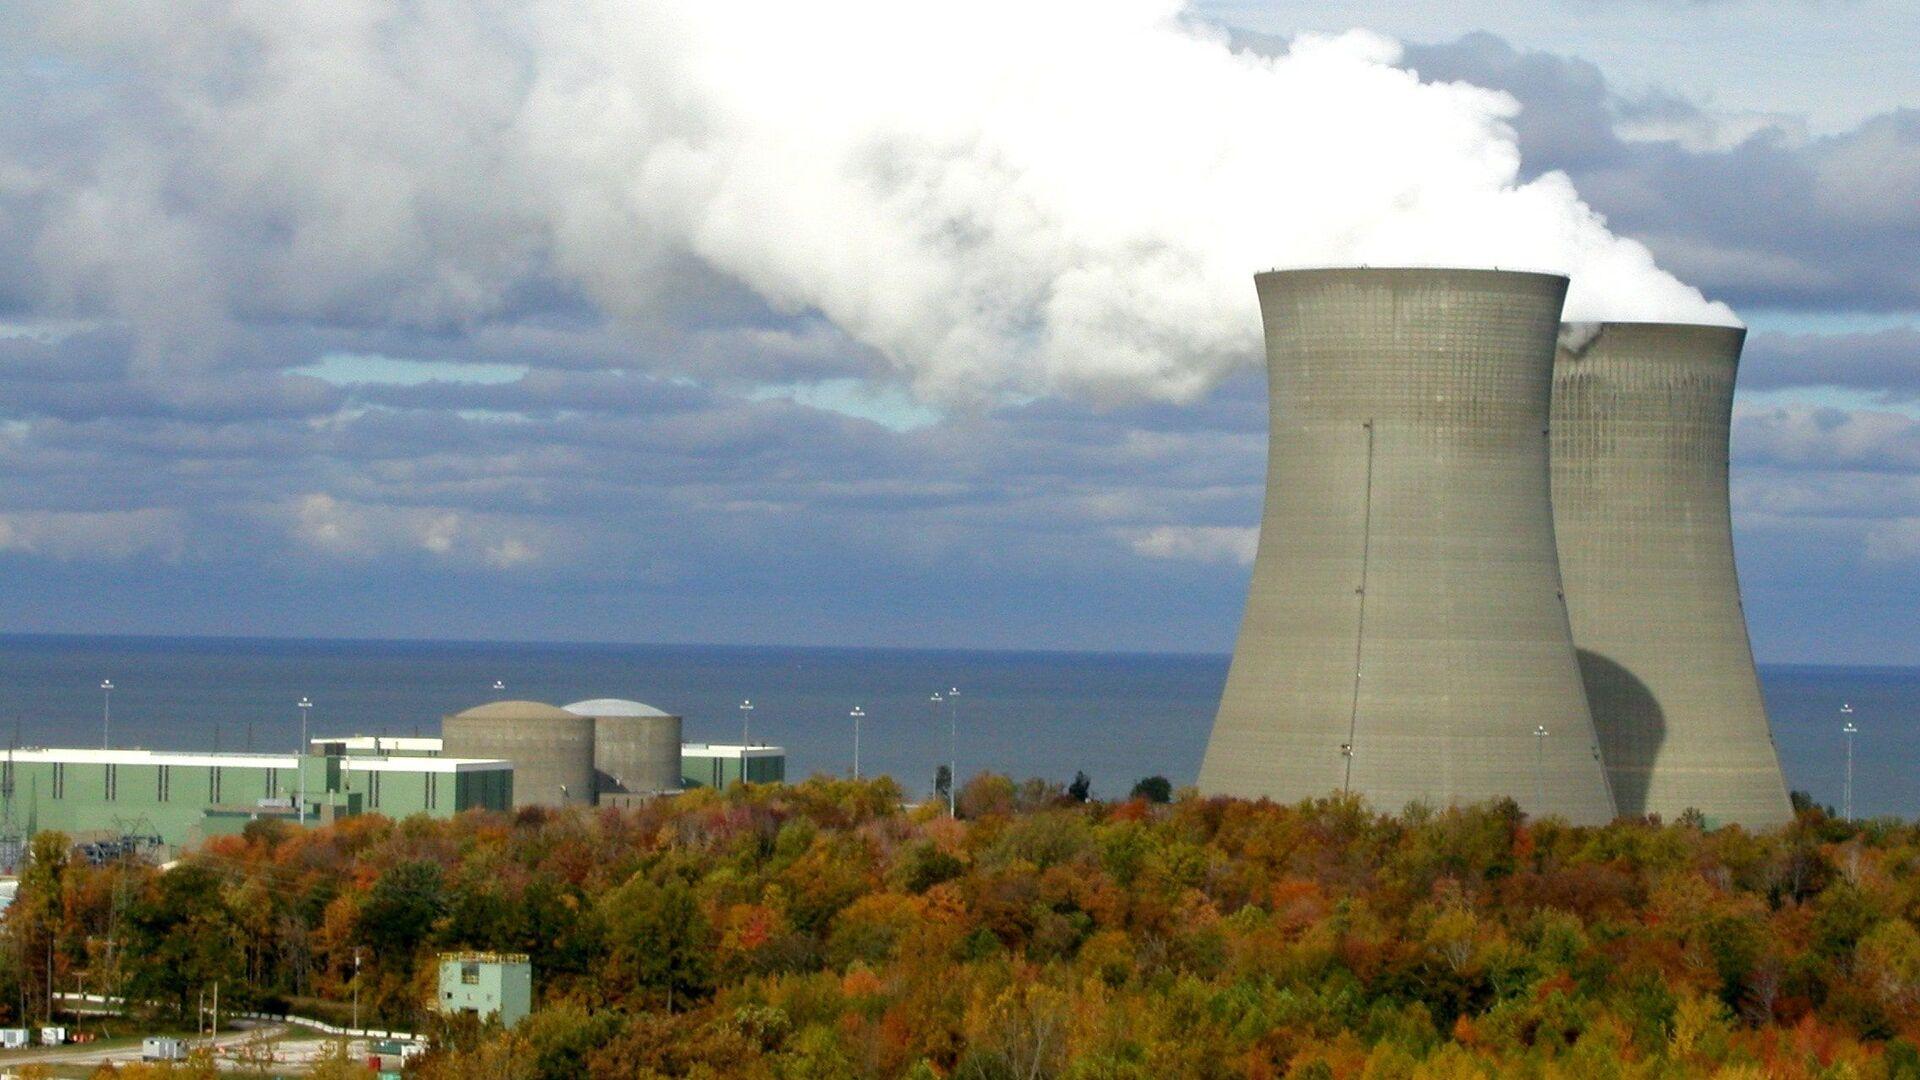 Centrale nucleare  - Sputnik Italia, 1920, 29.06.2021